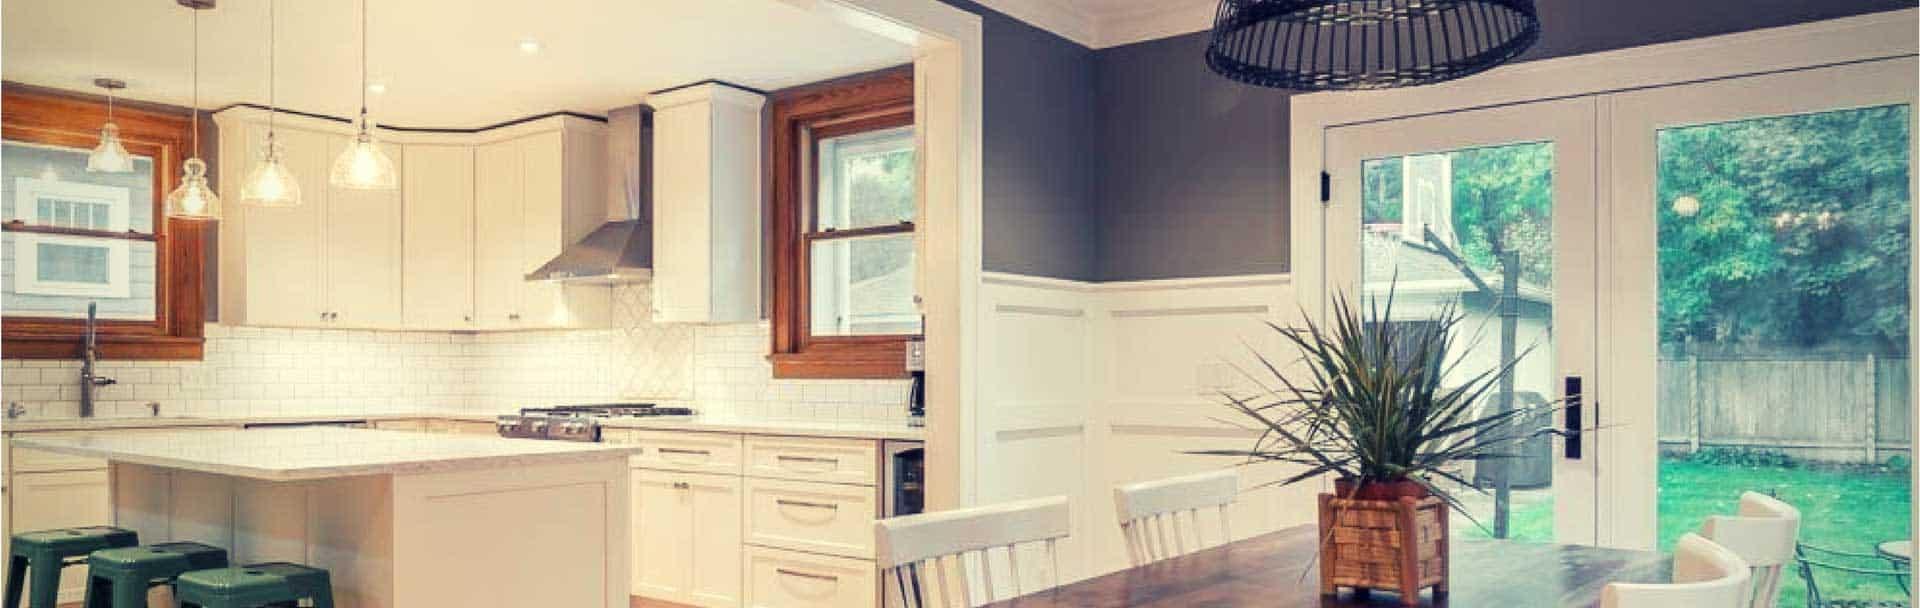 Kitchen Remodel Hinsdale